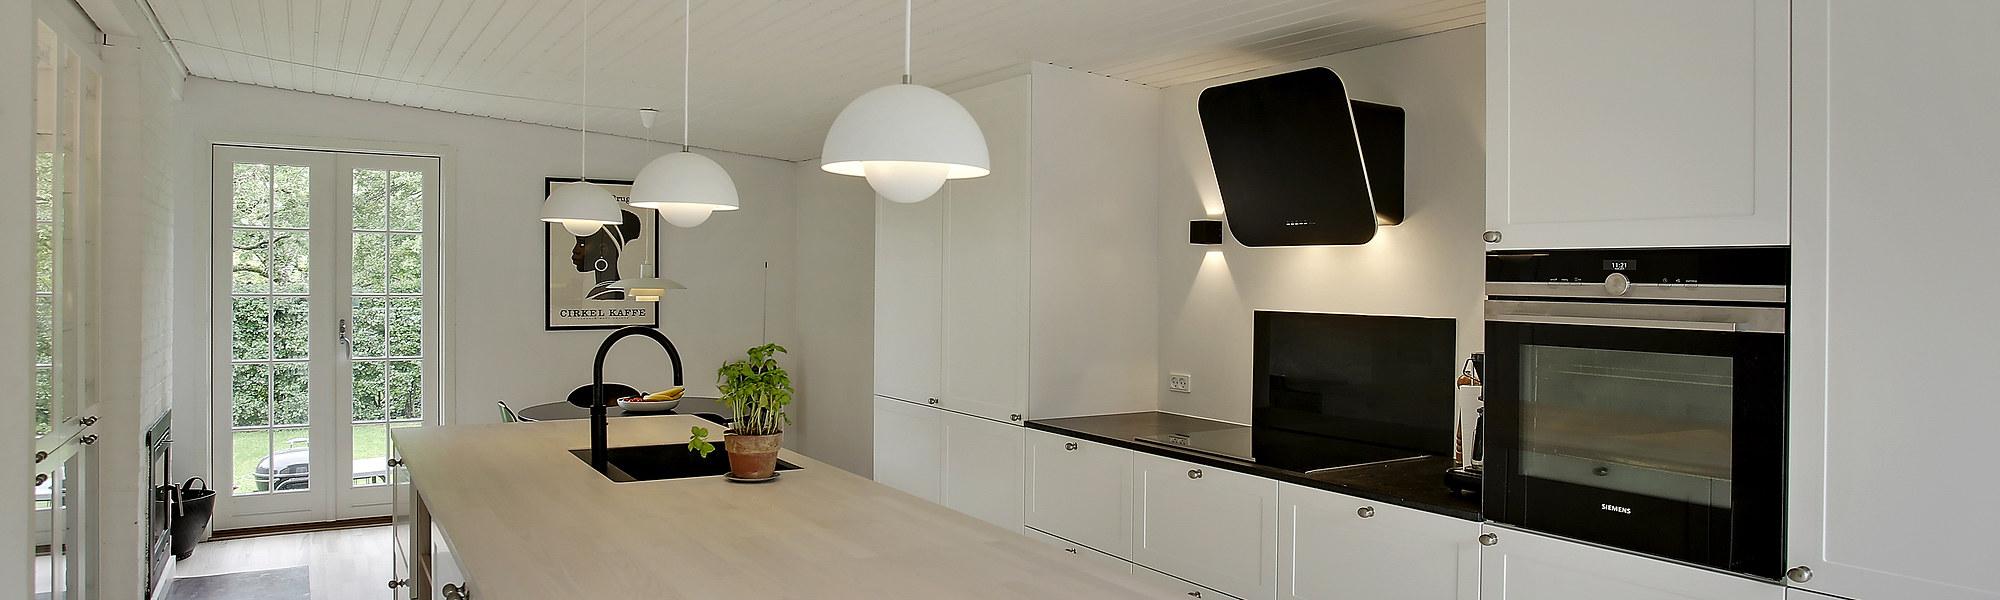 Totalrenovering af køkken og to badeværelser i Gentofte nær Lyngby - håndværker.dk